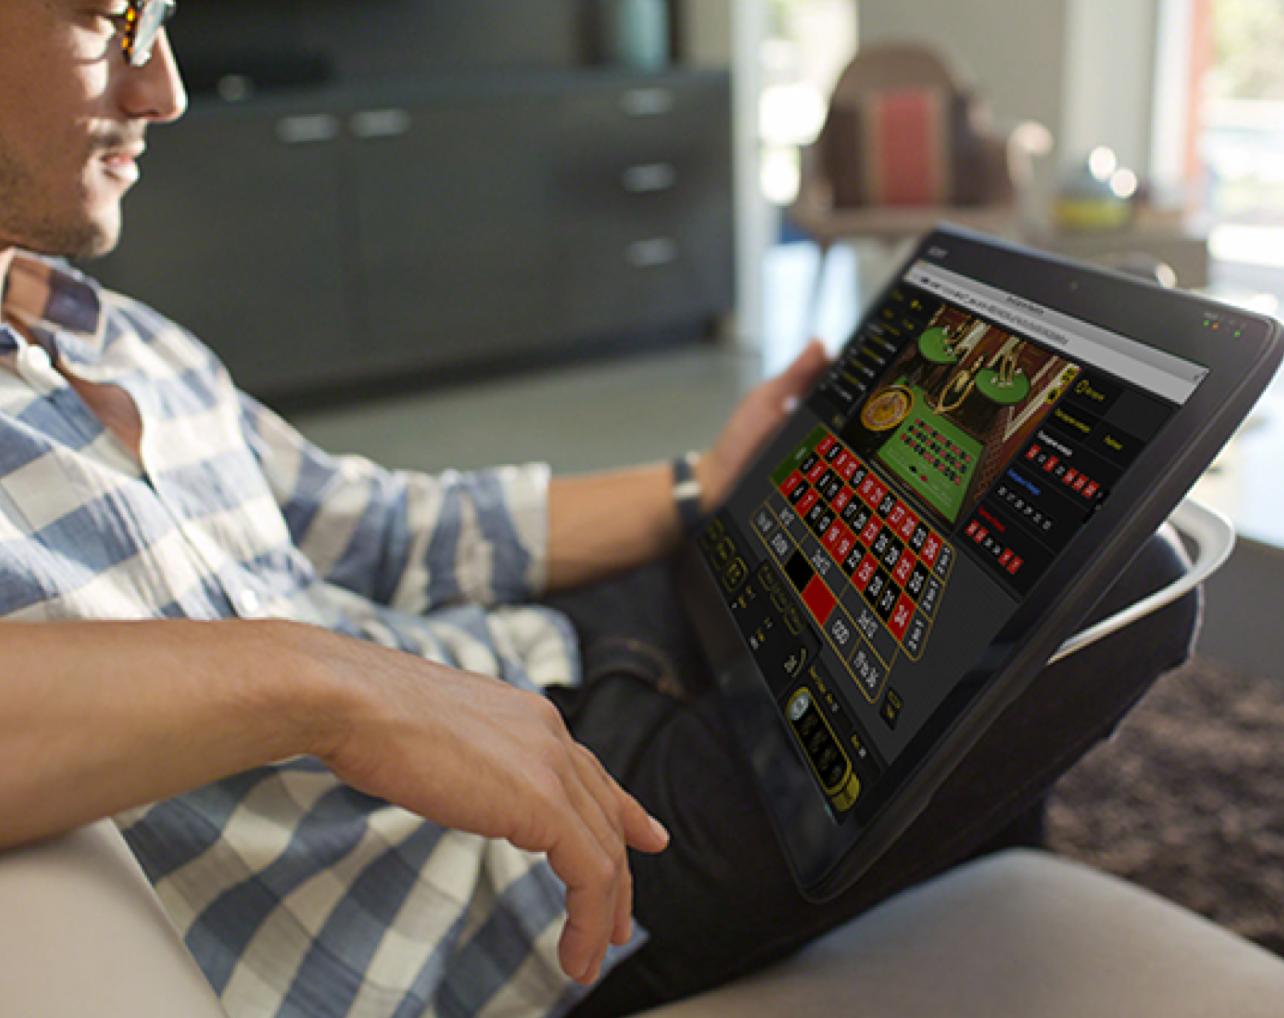 Обзор и ТОП 10 рейтинг казино онлайн по отзывам игроков